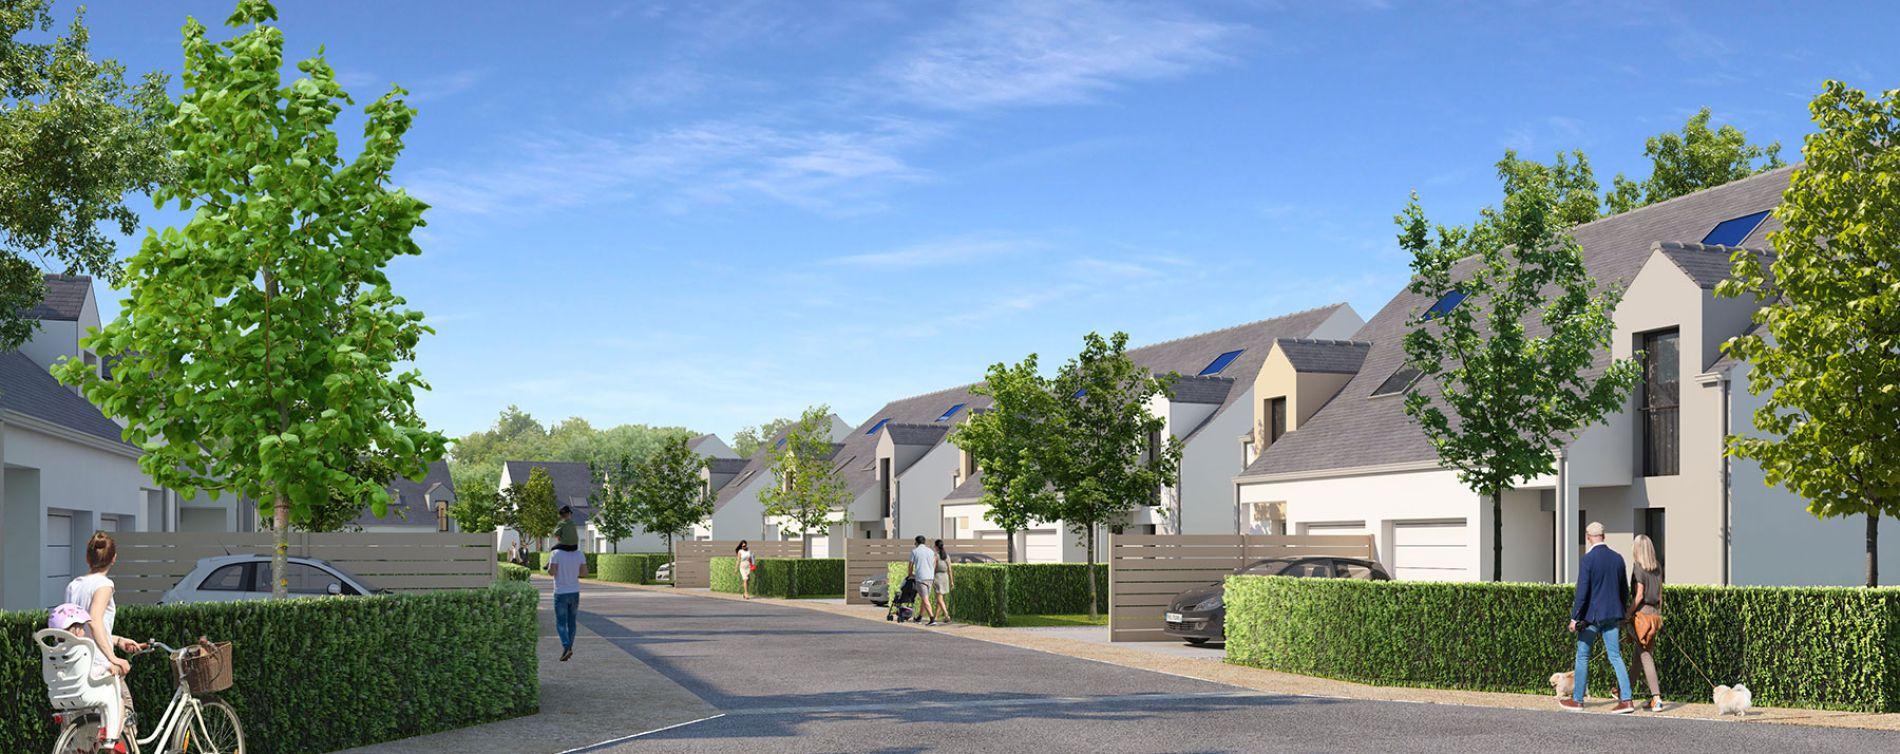 Pornichet : programme immobilier neuve « Le Domaine de Beauchamp » (2)